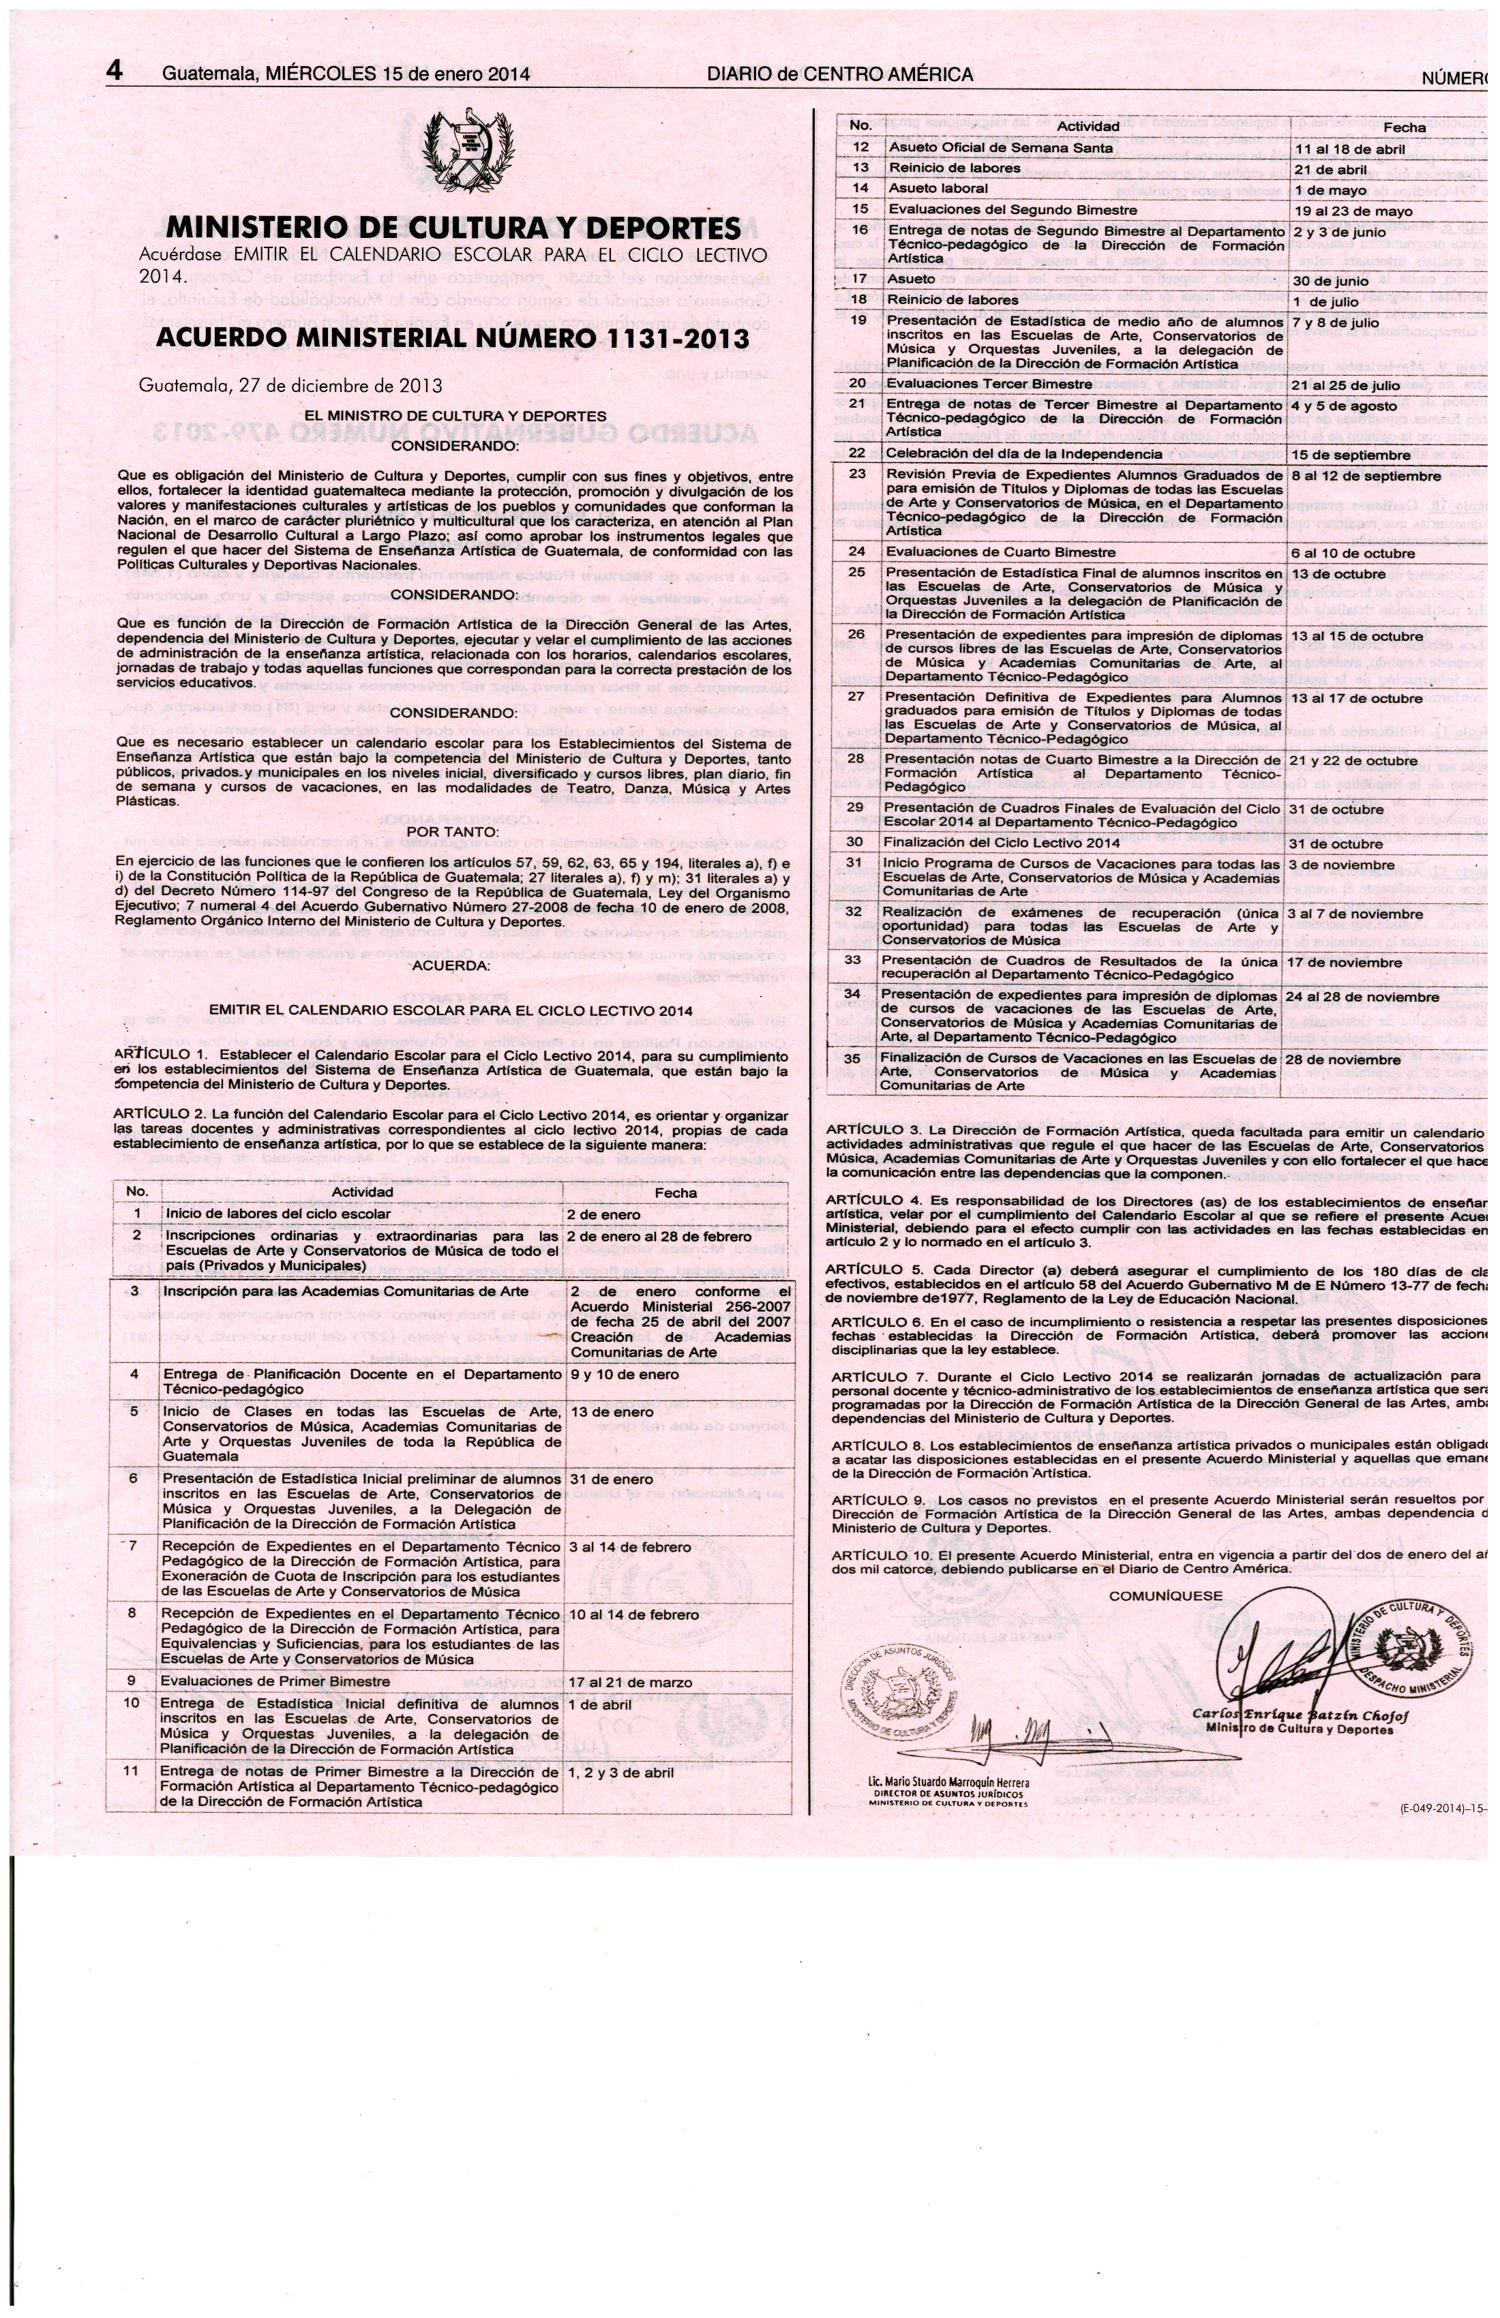 15-01-14-DIARIO DE CENTRO AMÉRICA-ACUERDO MINISTERIAL-MINISTERIO DE CULTURA Y DEPORTES-PÁGINA 04